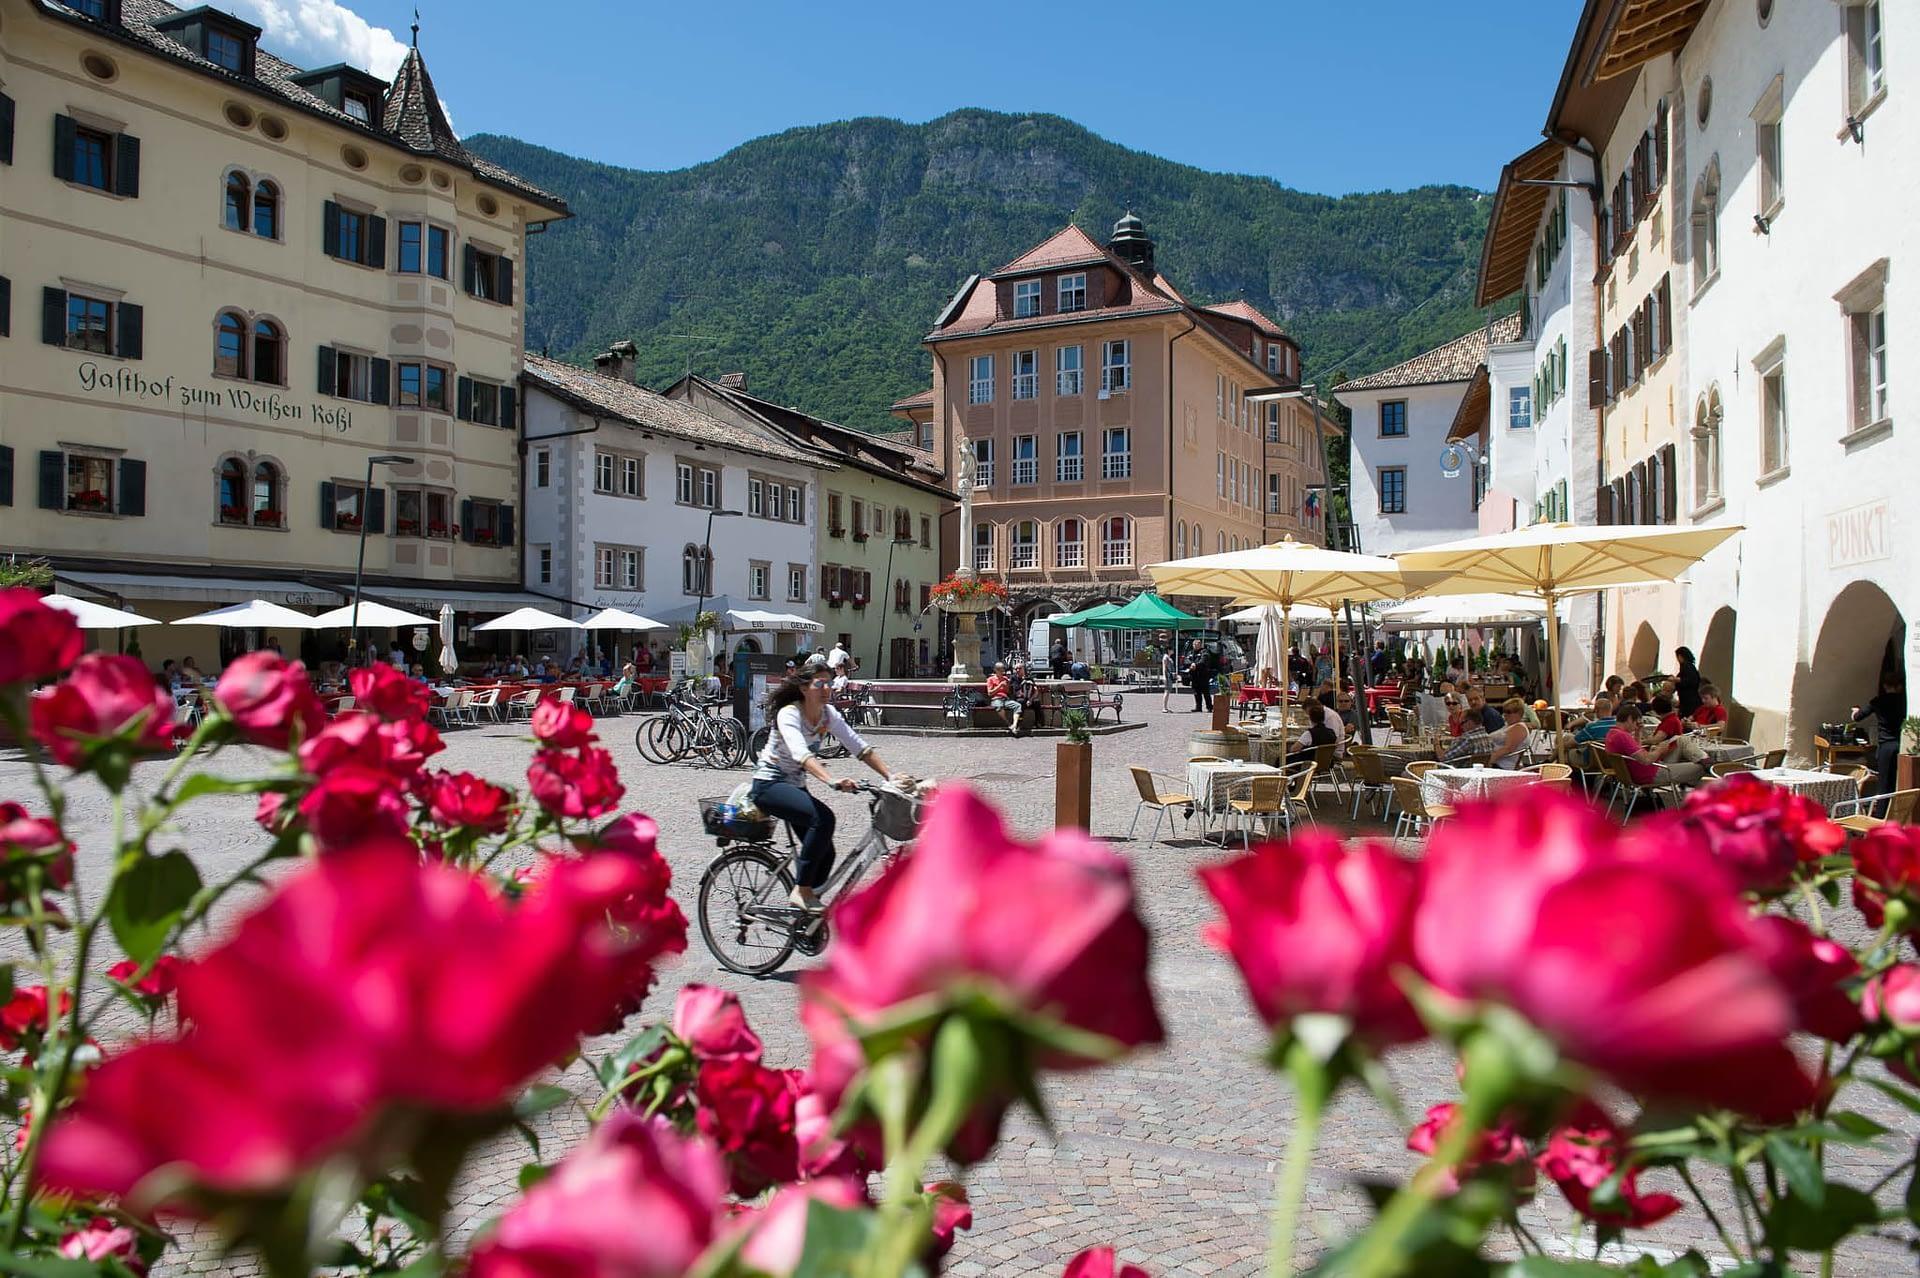 Marktplatz von Kaltern am See